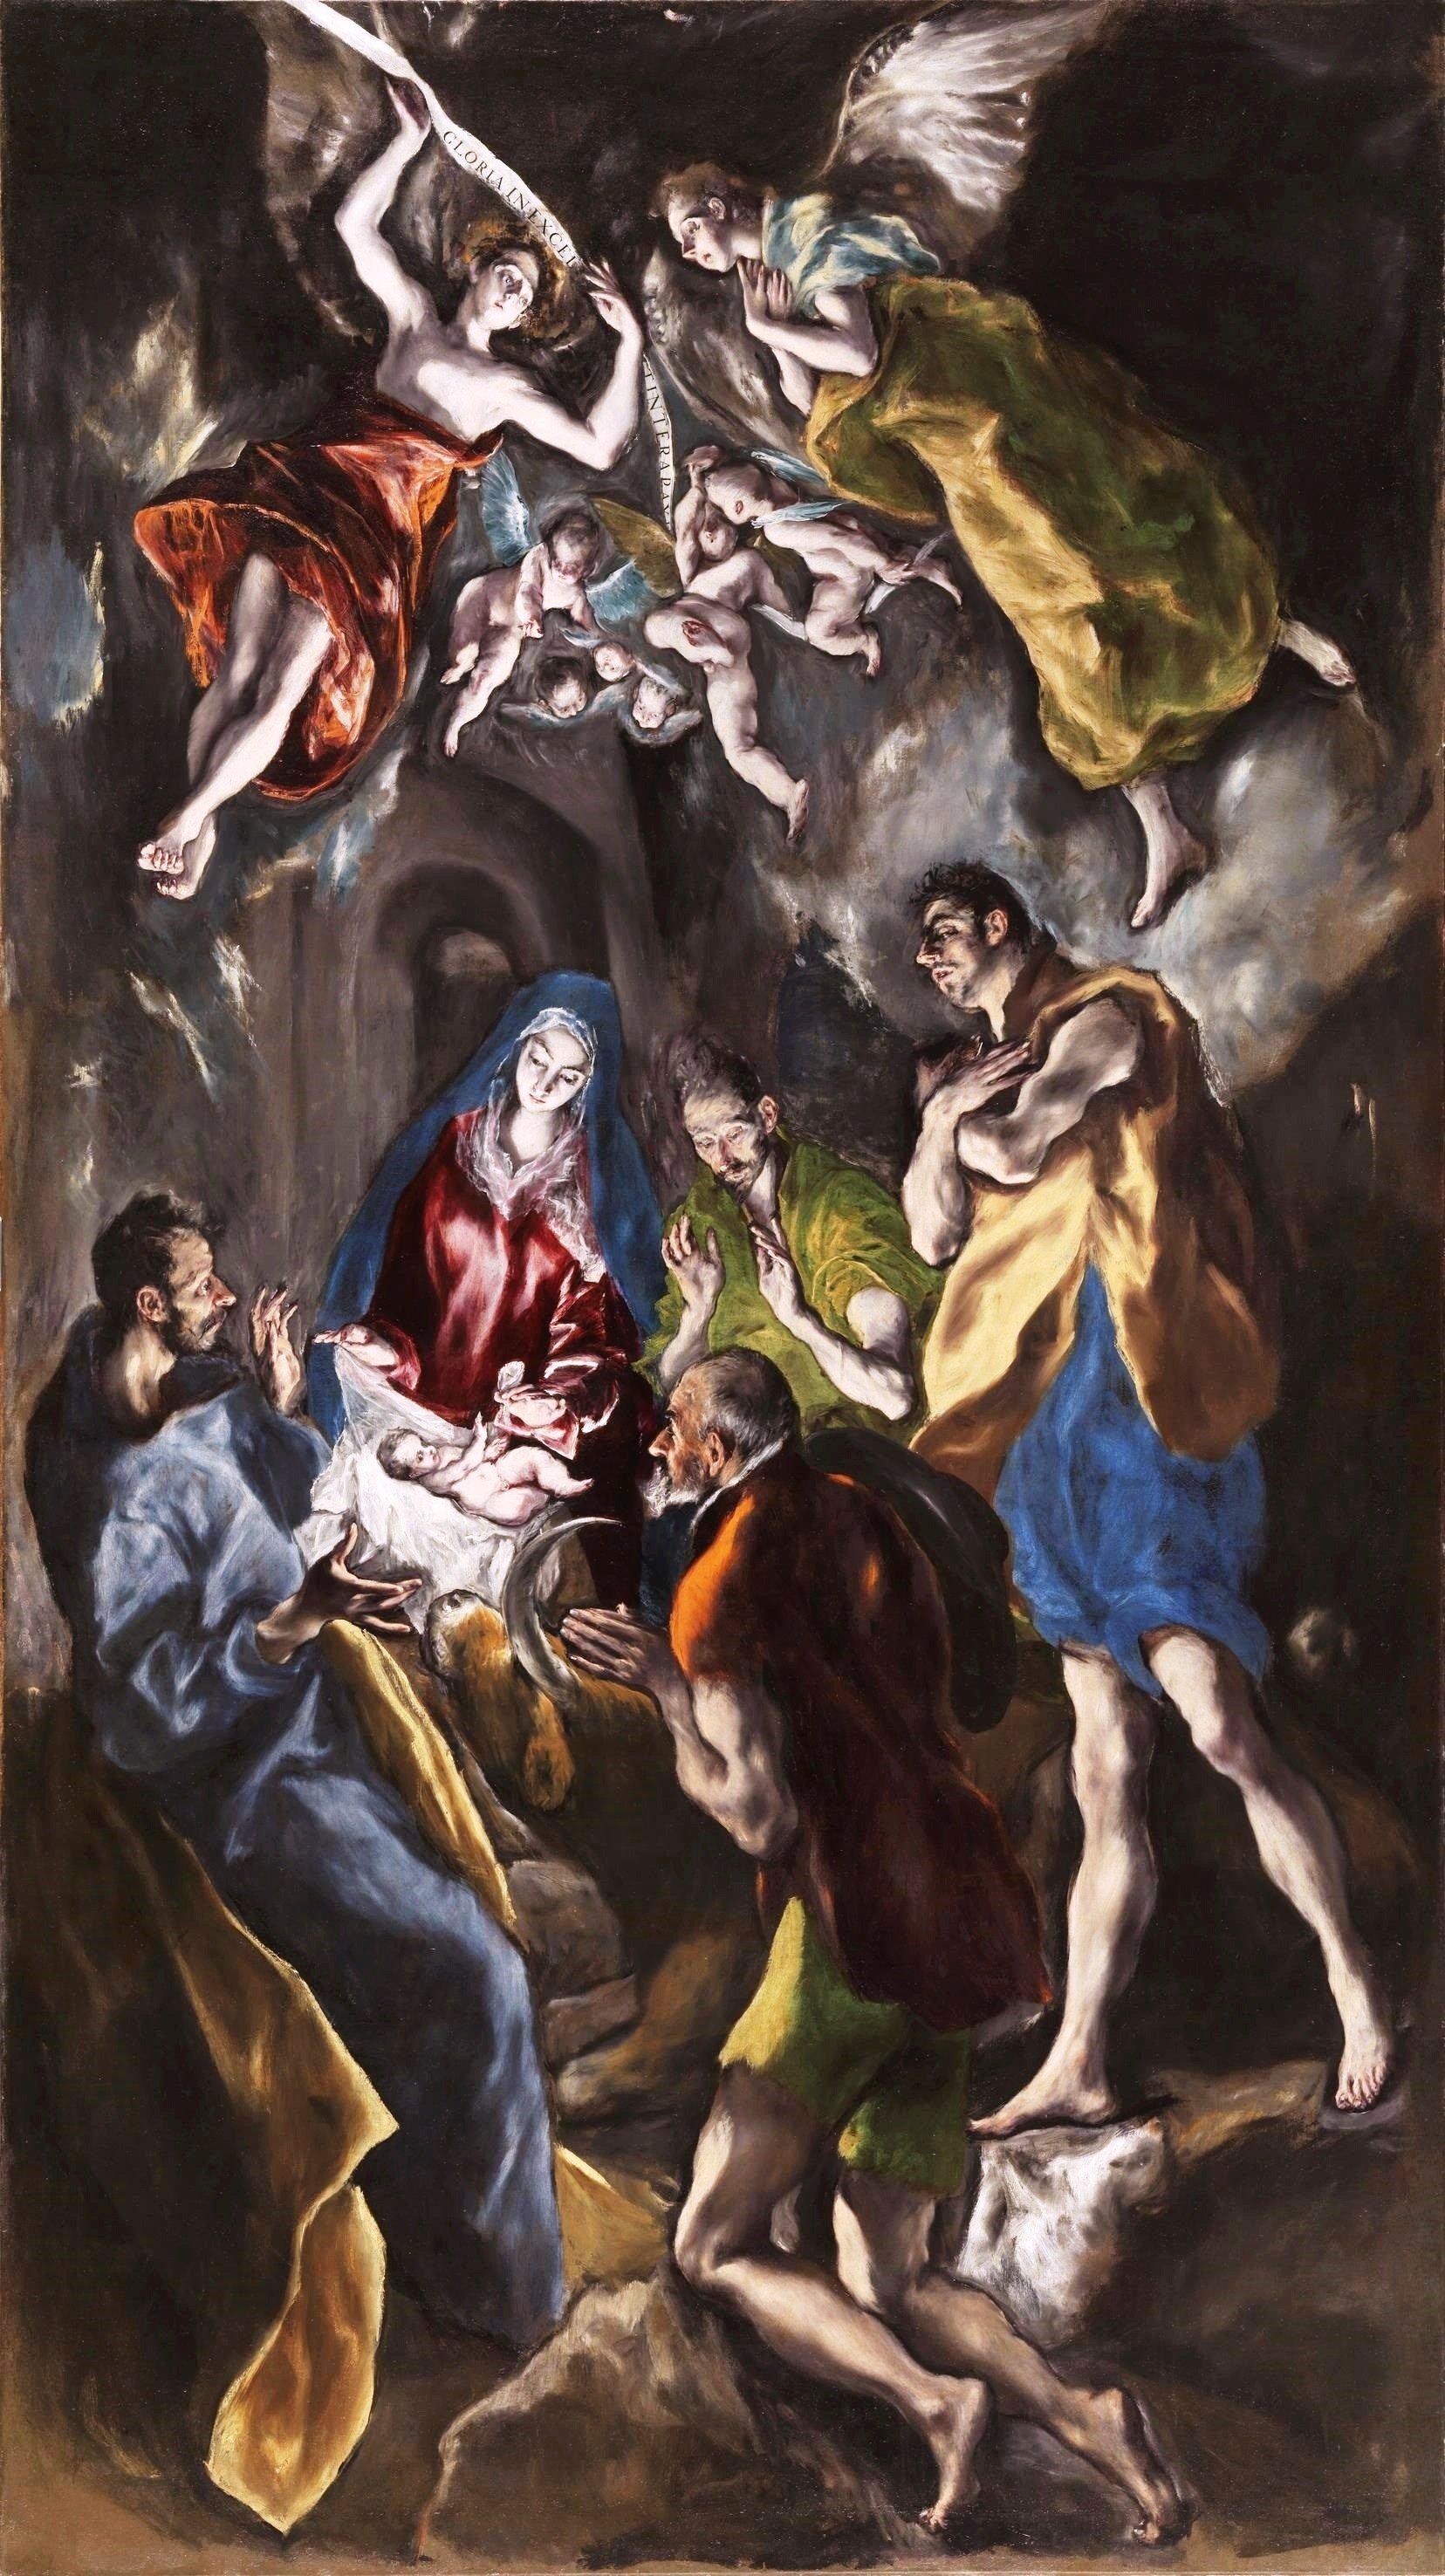 Эль Греко. «Рождество». Около 1612—1614